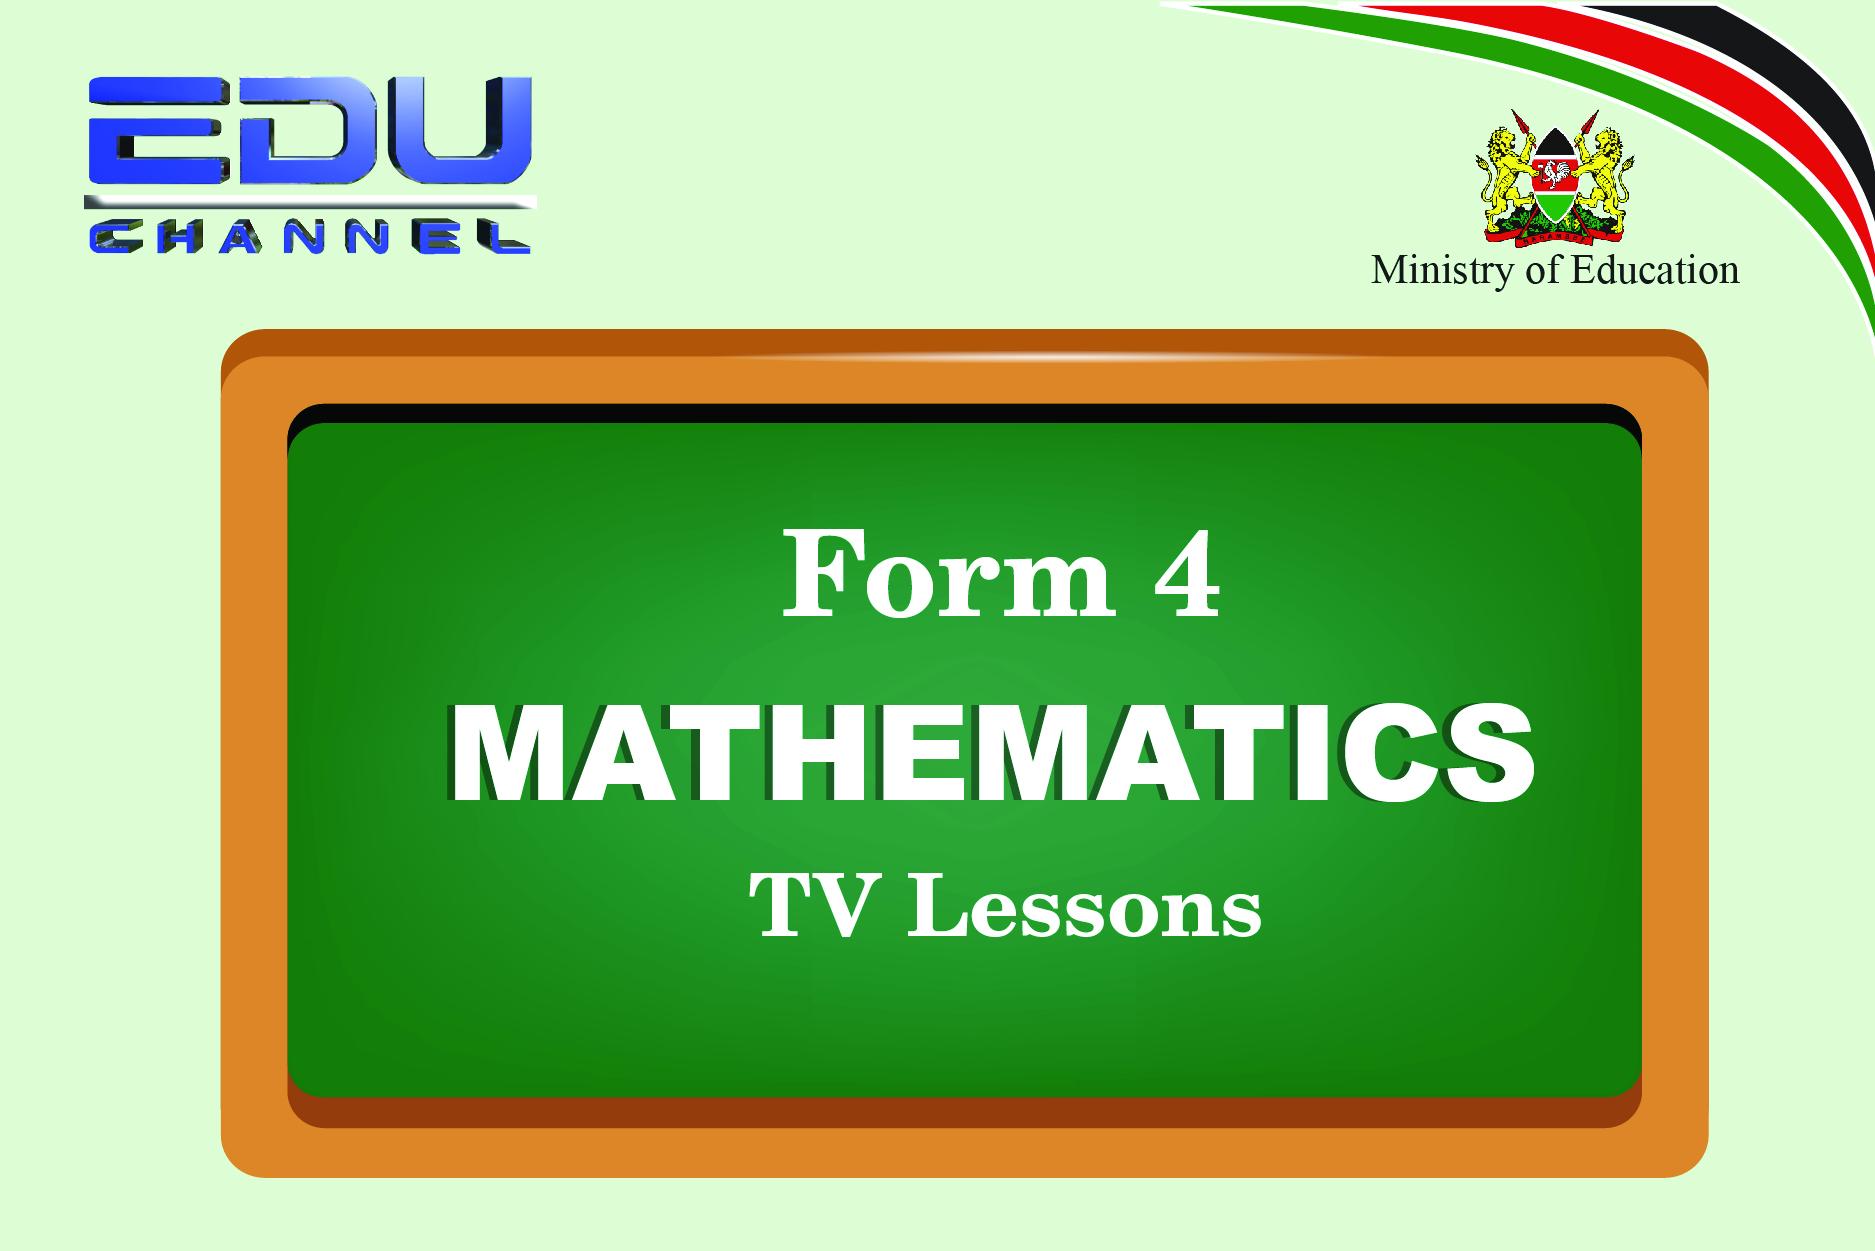 Form 4 Mathematics Lesson 9: Longitudes and Latitudes - Time and Longitude